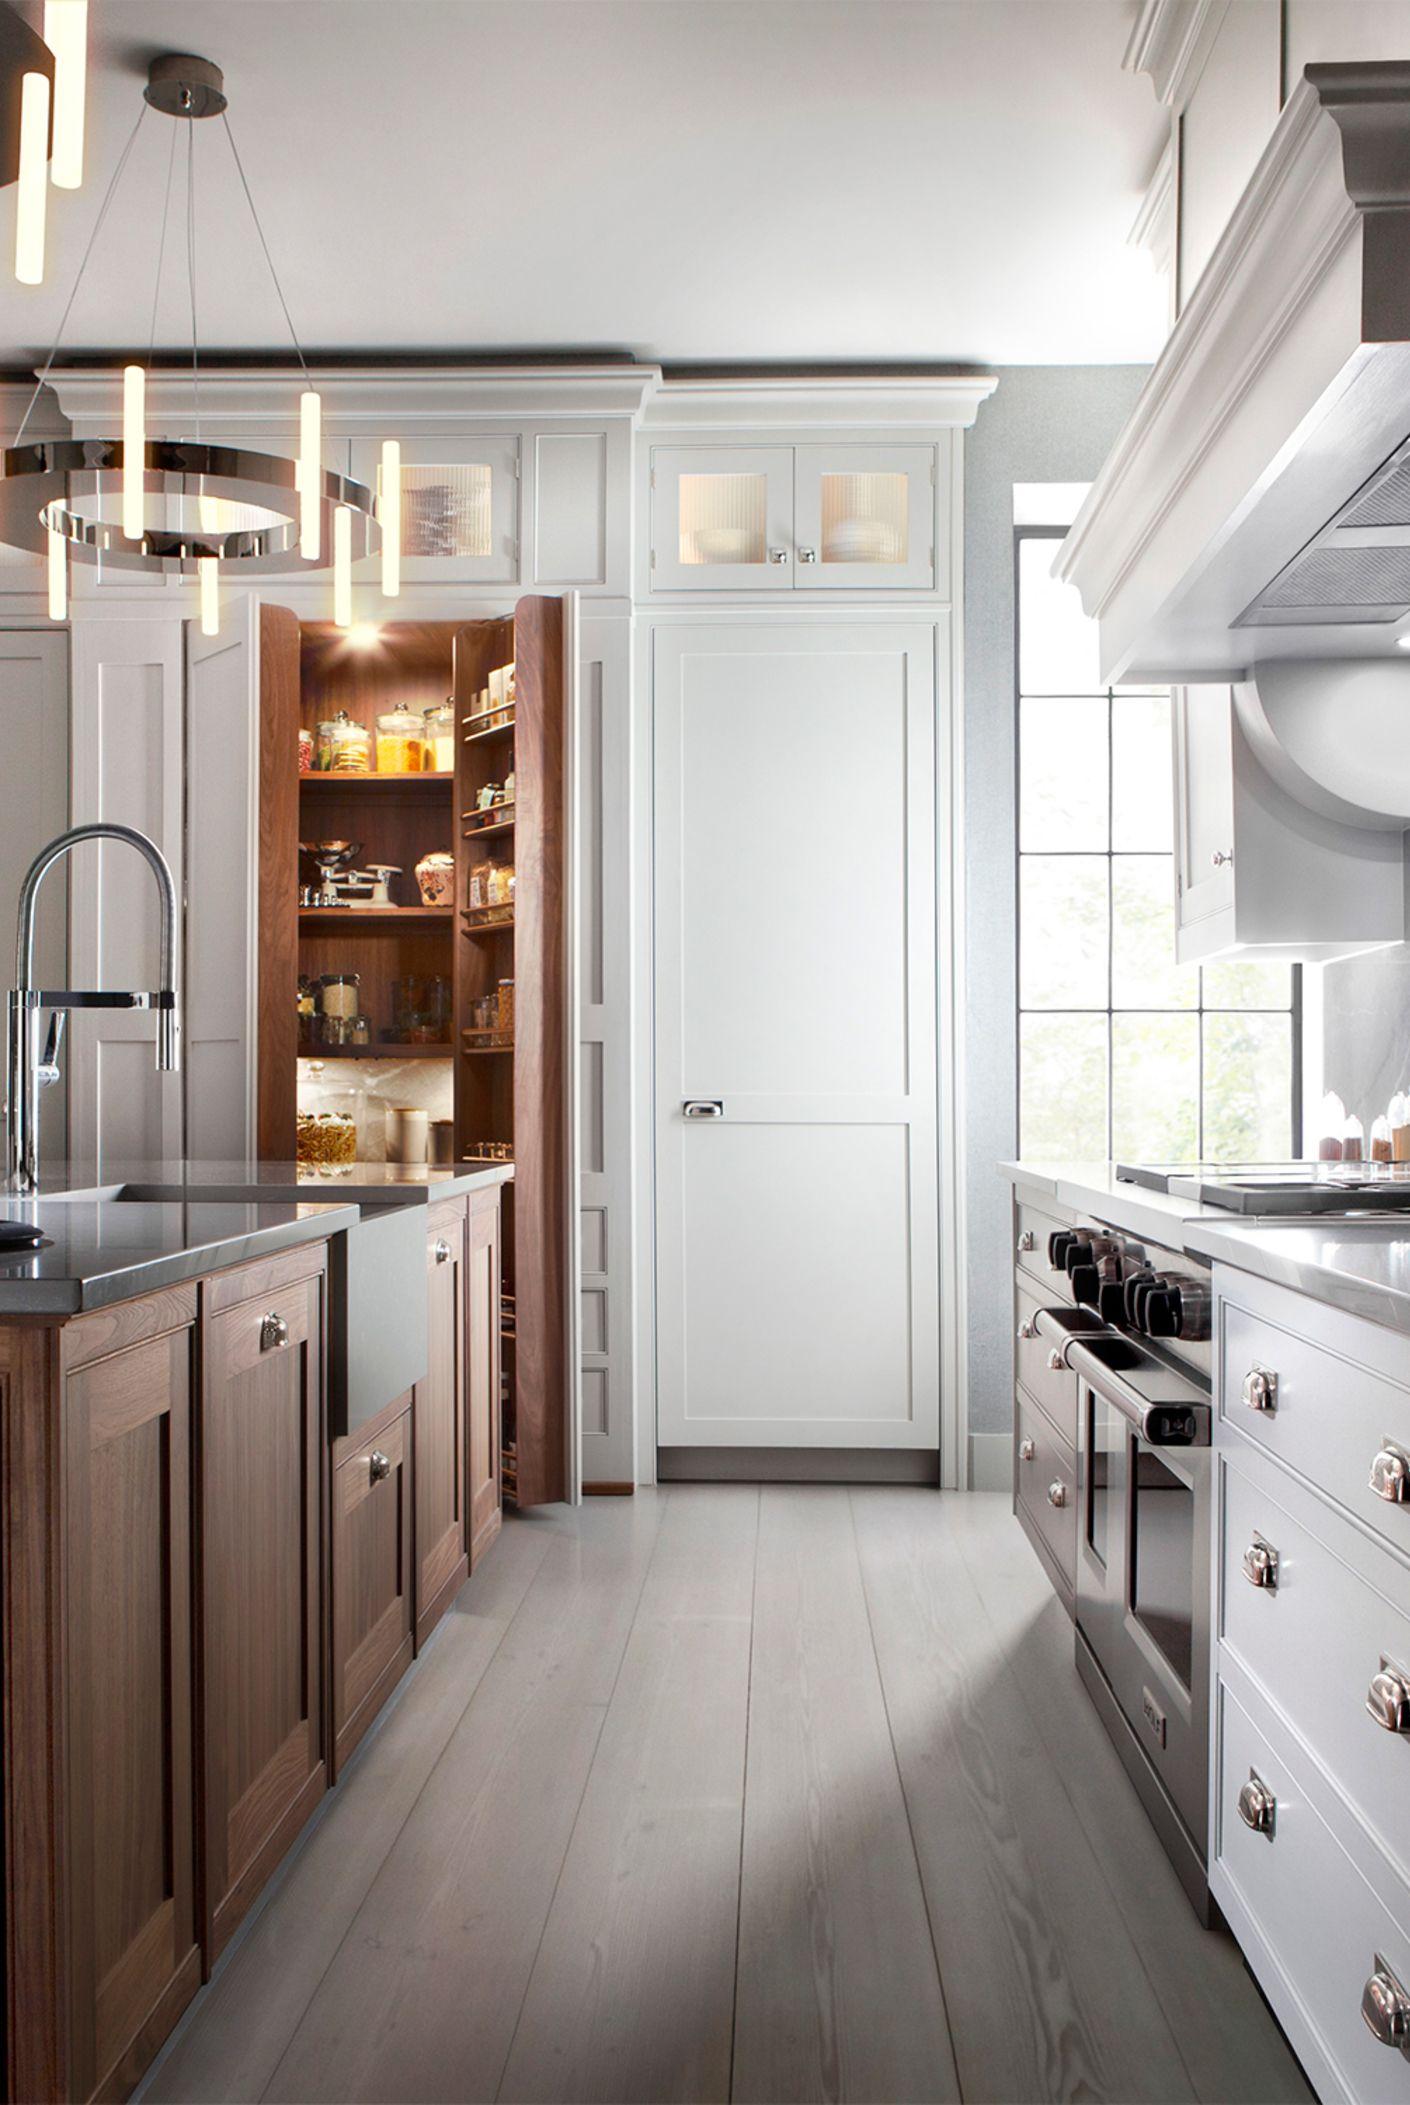 Classic Contemporary Kitchen 2 Smallbone Of Devizes Kitchen Classic Contemporary Hand Painted